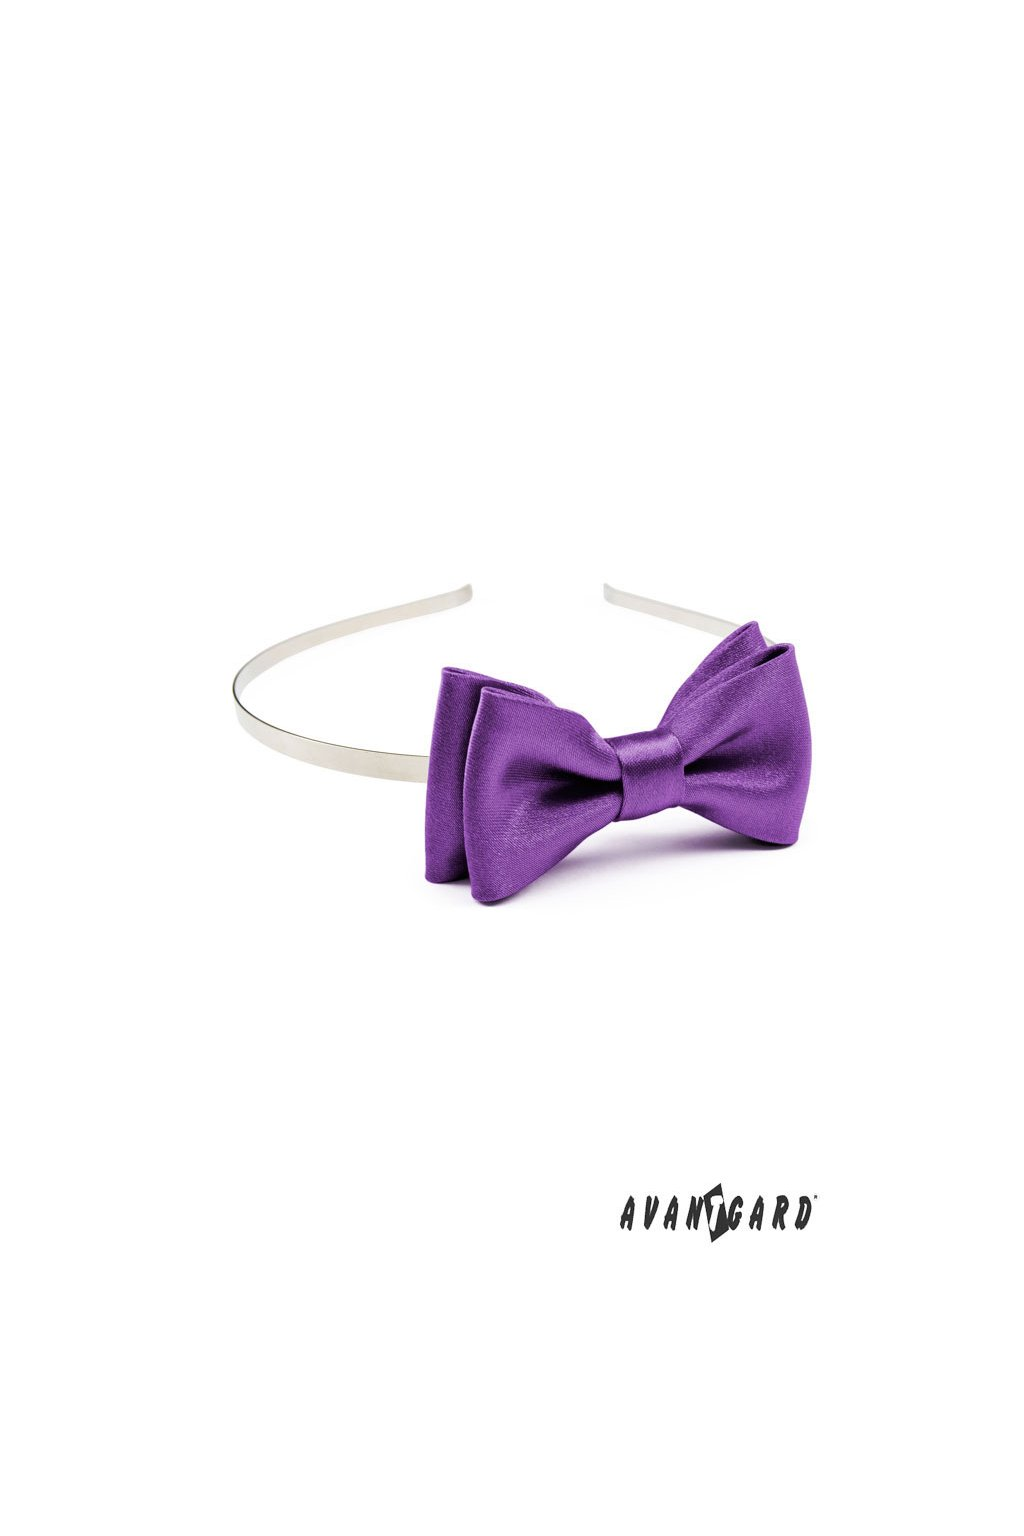 Čelenka s motýlkem fialová 756 - 9017